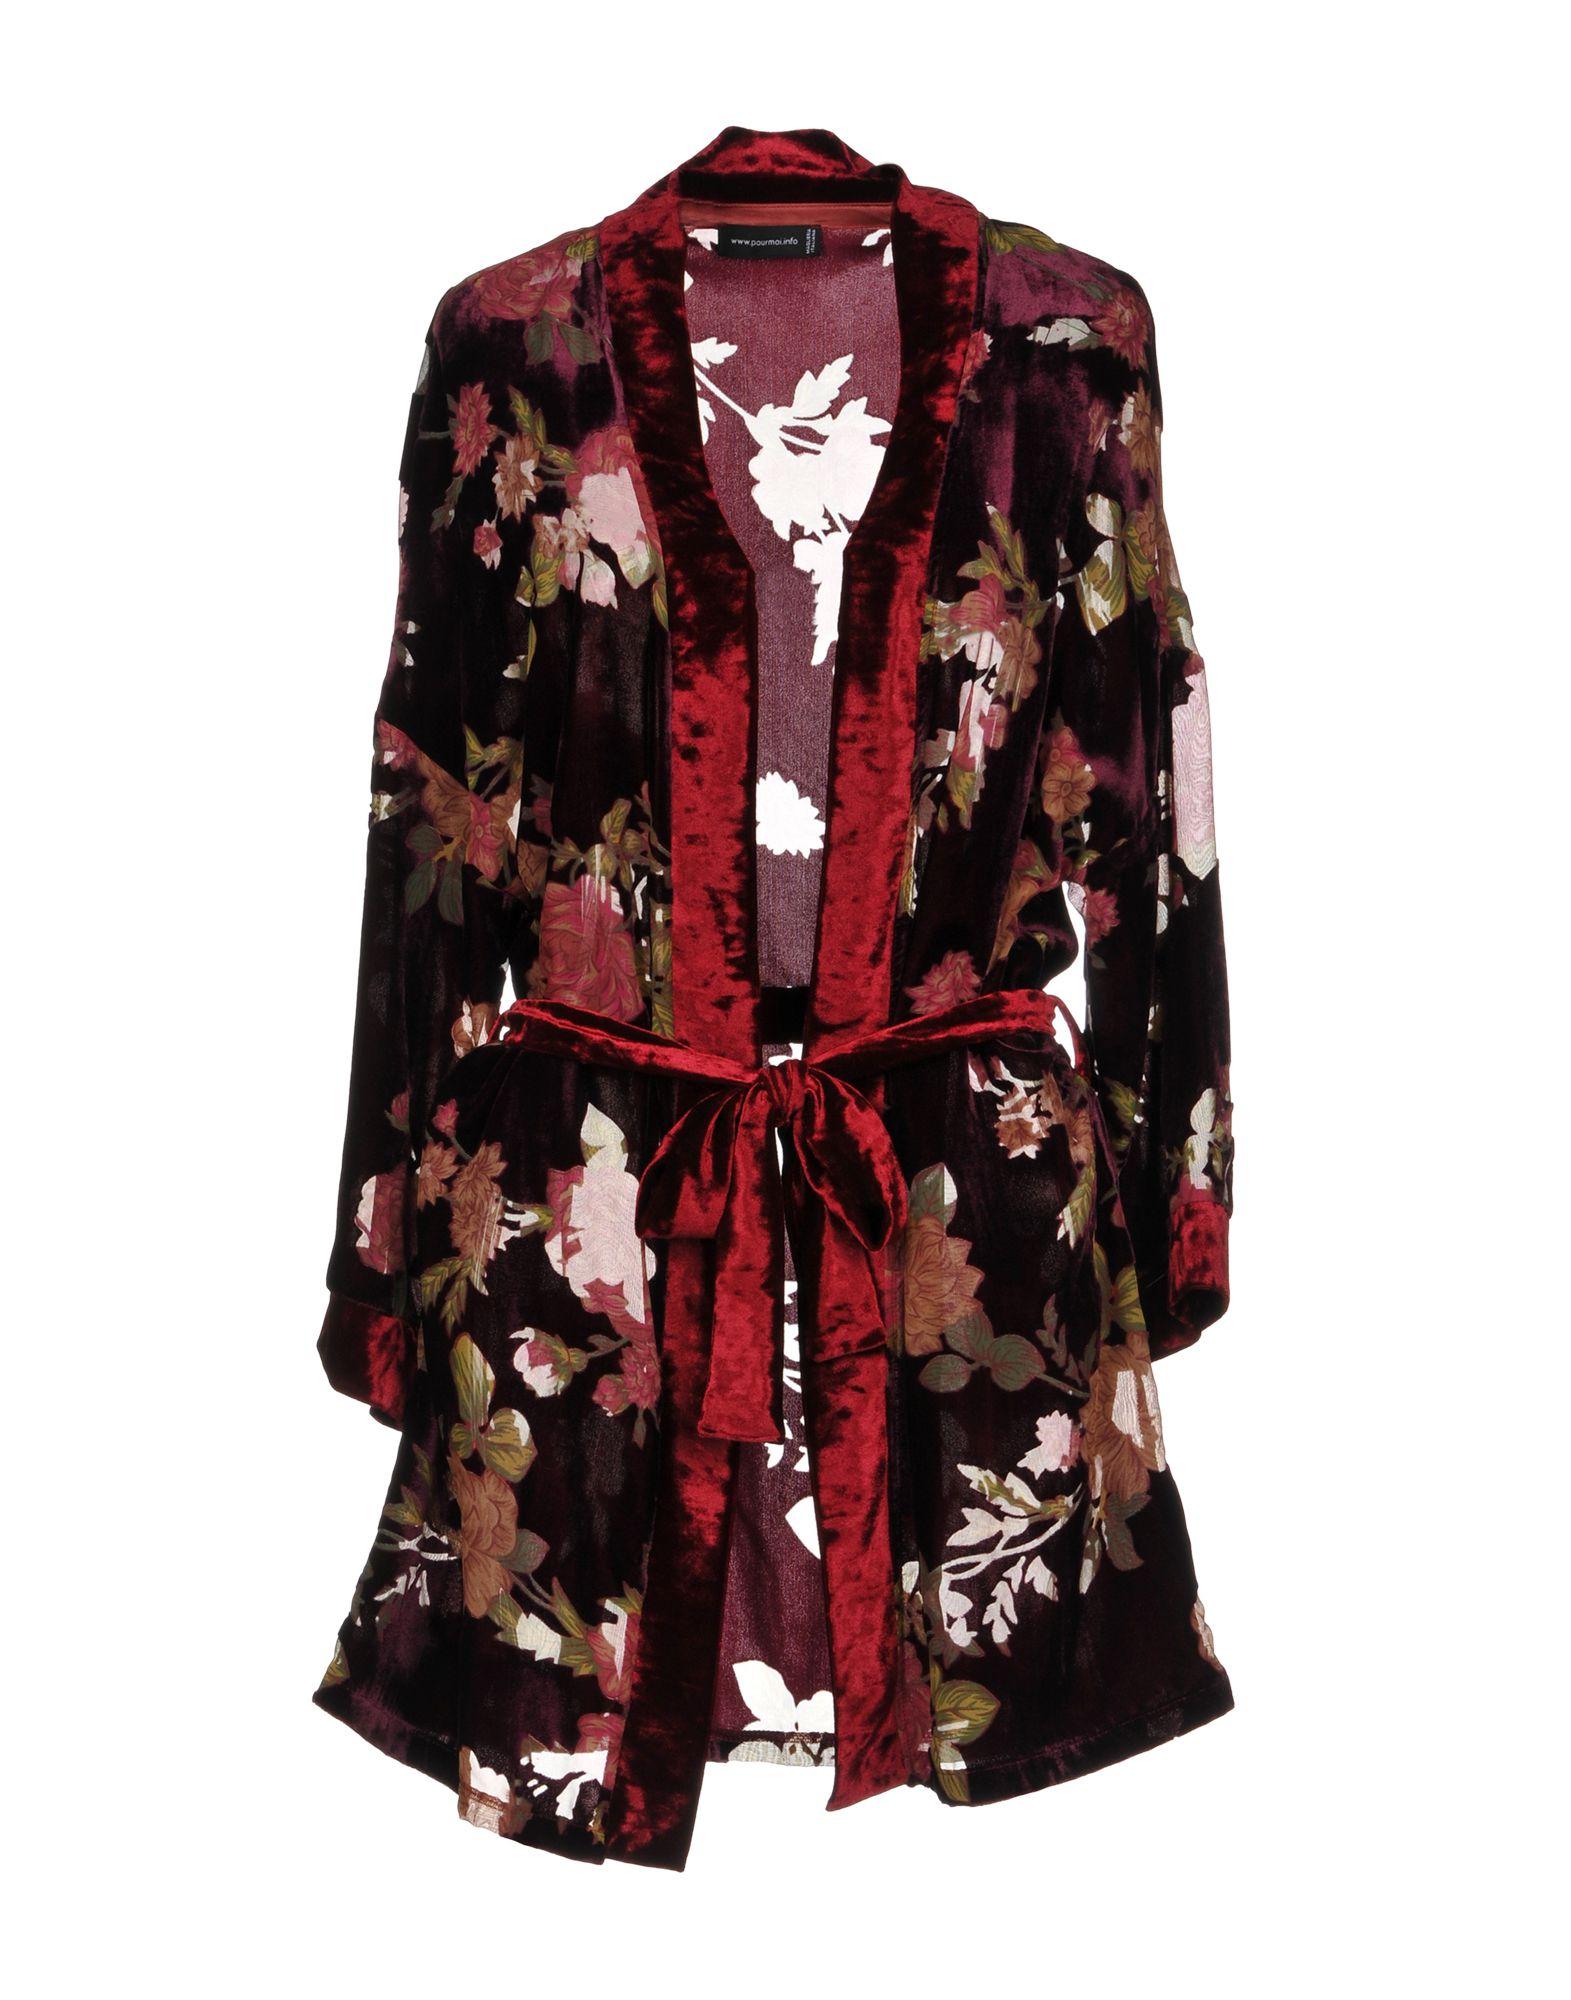 POUR MOI Легкое пальто одежда для балета wear moi div03 wearmoi